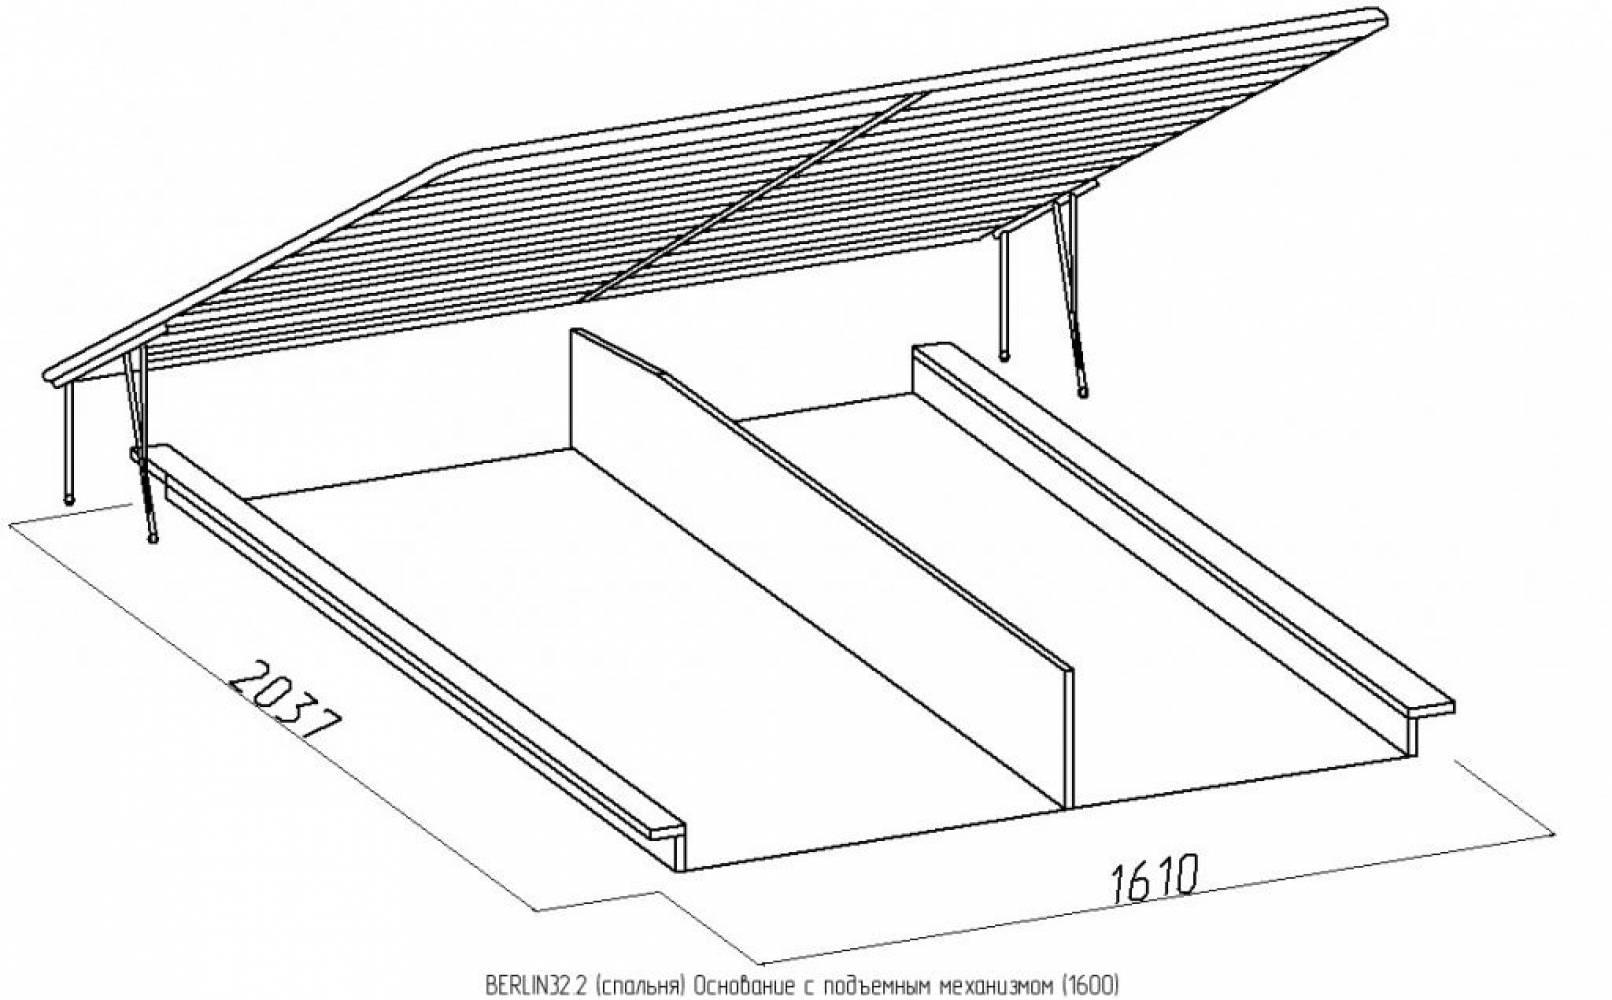 BERLIN32 Кровать (1600) + BERLIN32.2 Основание с подъемным механизмом (1600), Сонома